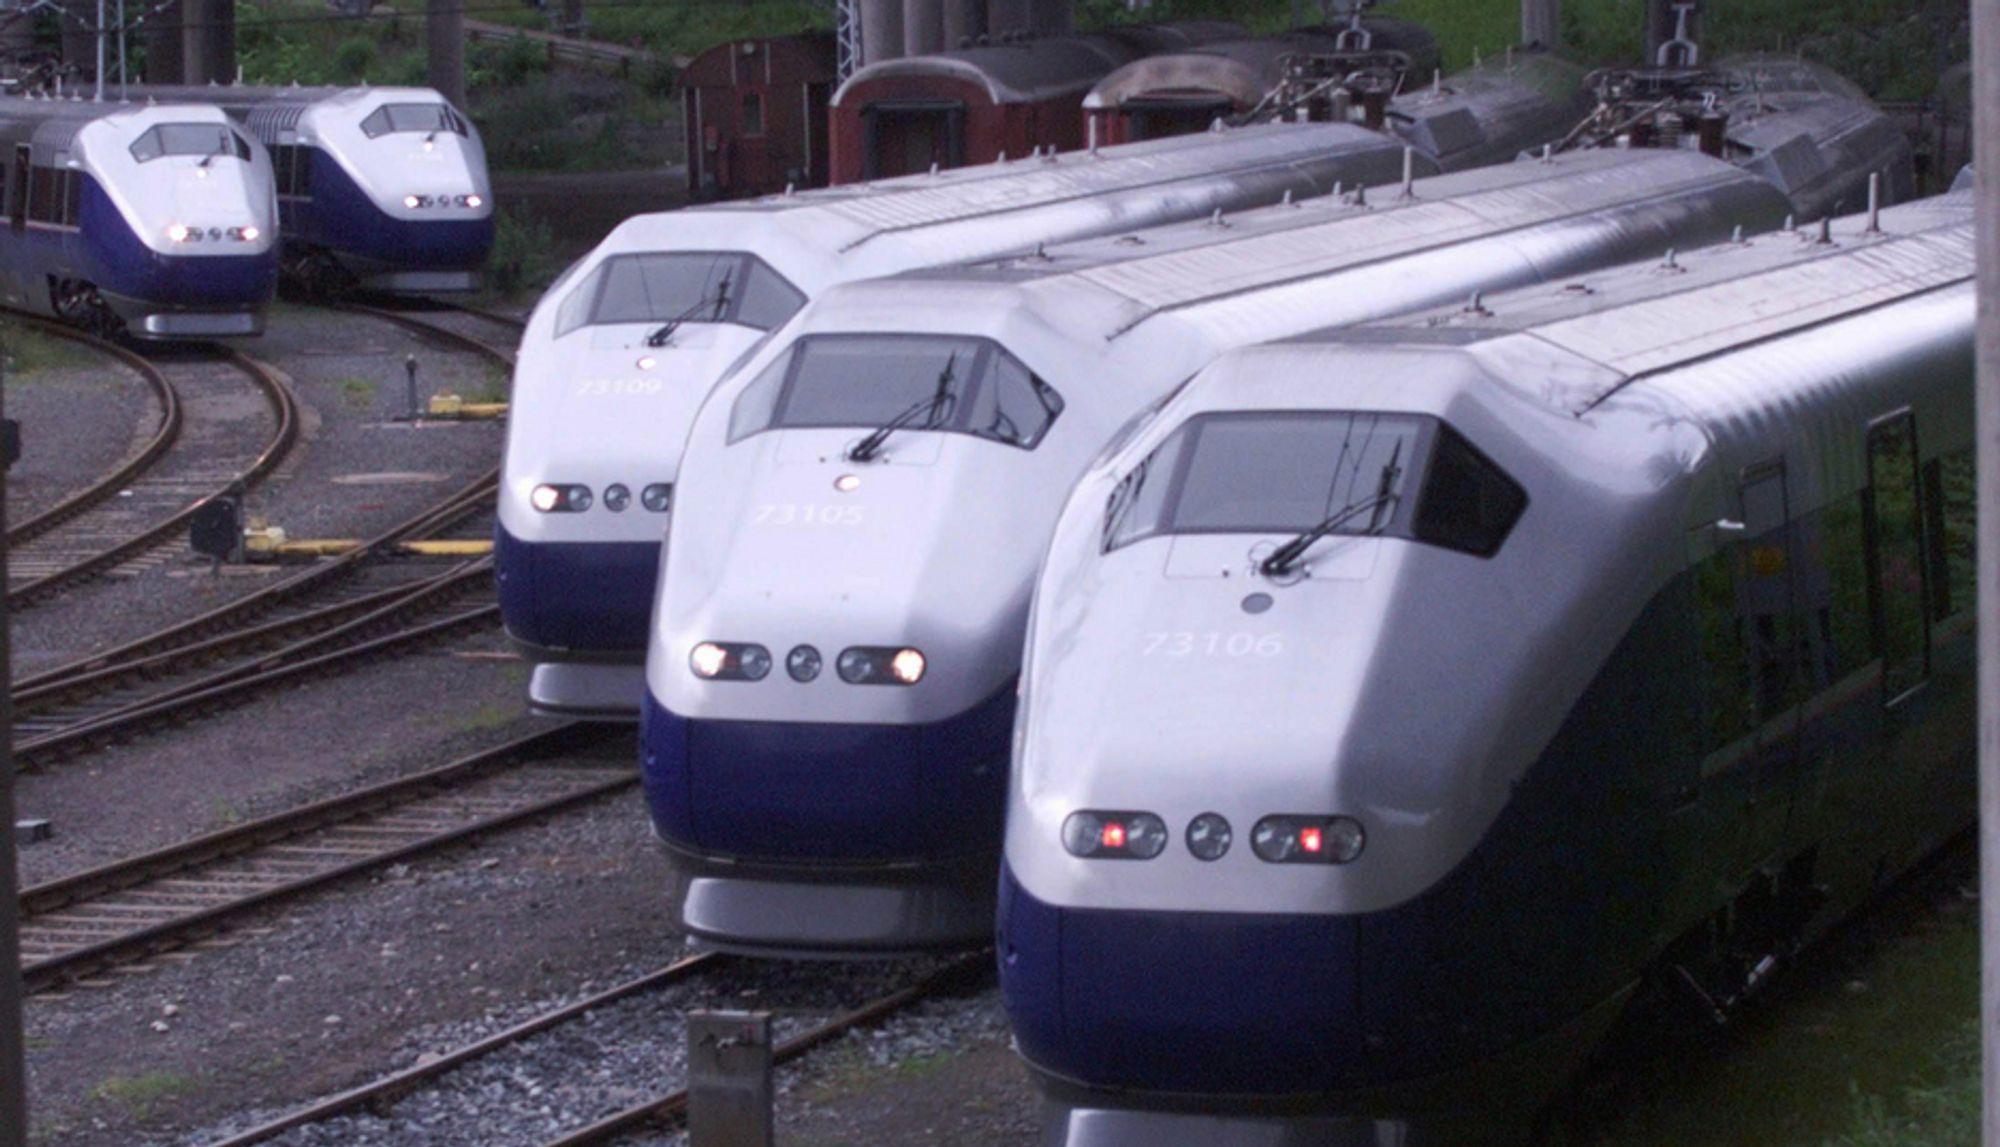 NSB legger vekt på å kjøpe inn velprøvde og pålitelige tog. Her er Signatur som fikk stempelet problemtog.